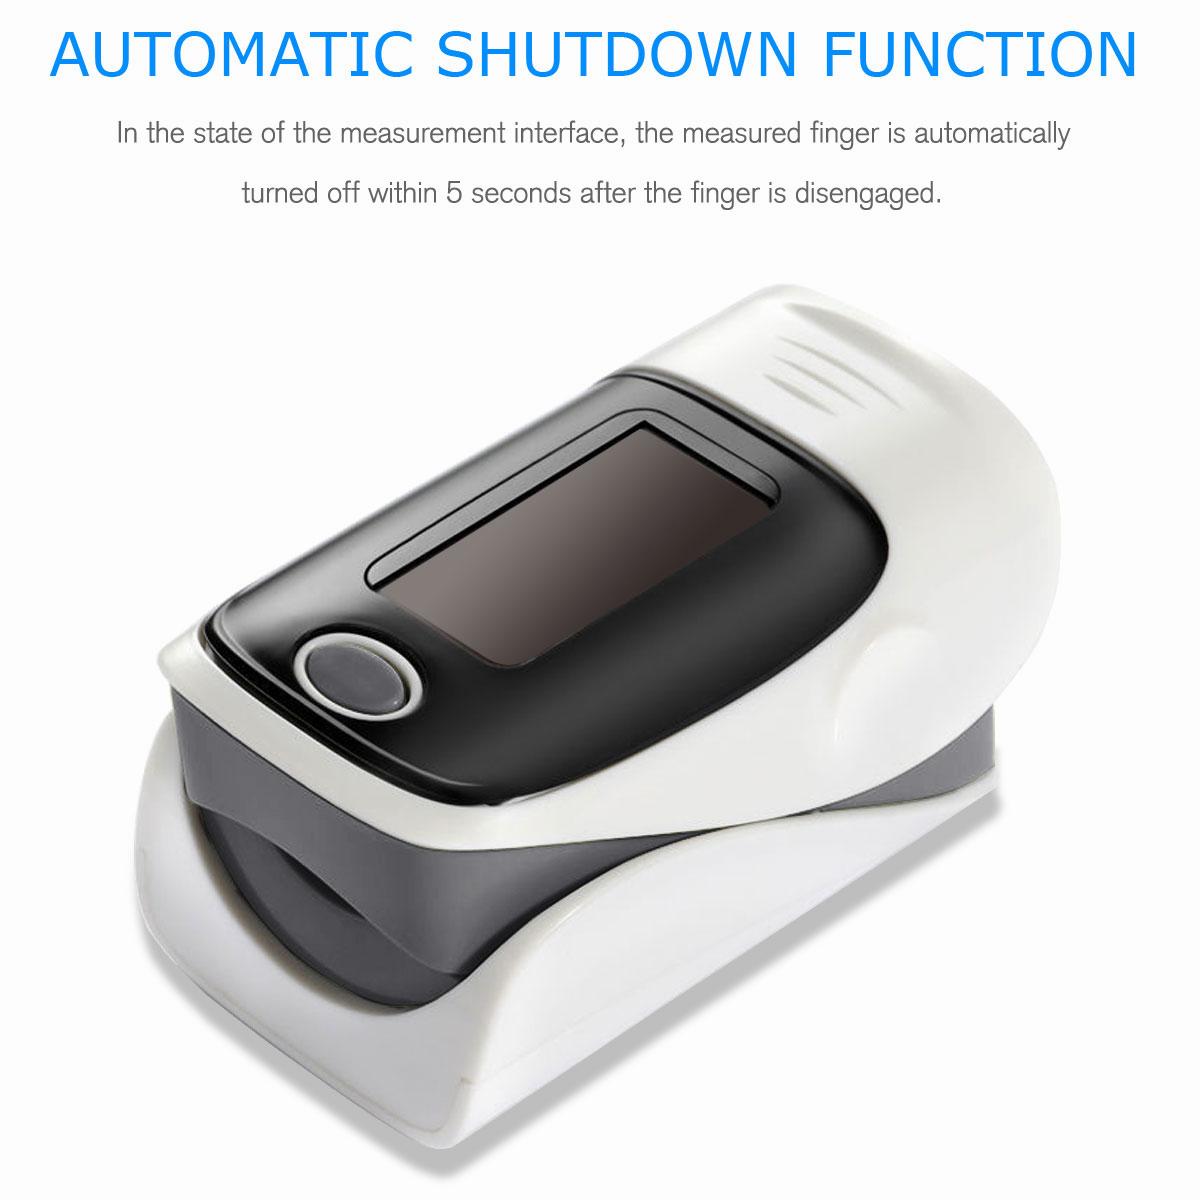 LED-Fingertip-Instant-Read-Finger-Pulse-Oximeter-Blood-Oxygen-Meter-SpO2-Monitor thumbnail 23